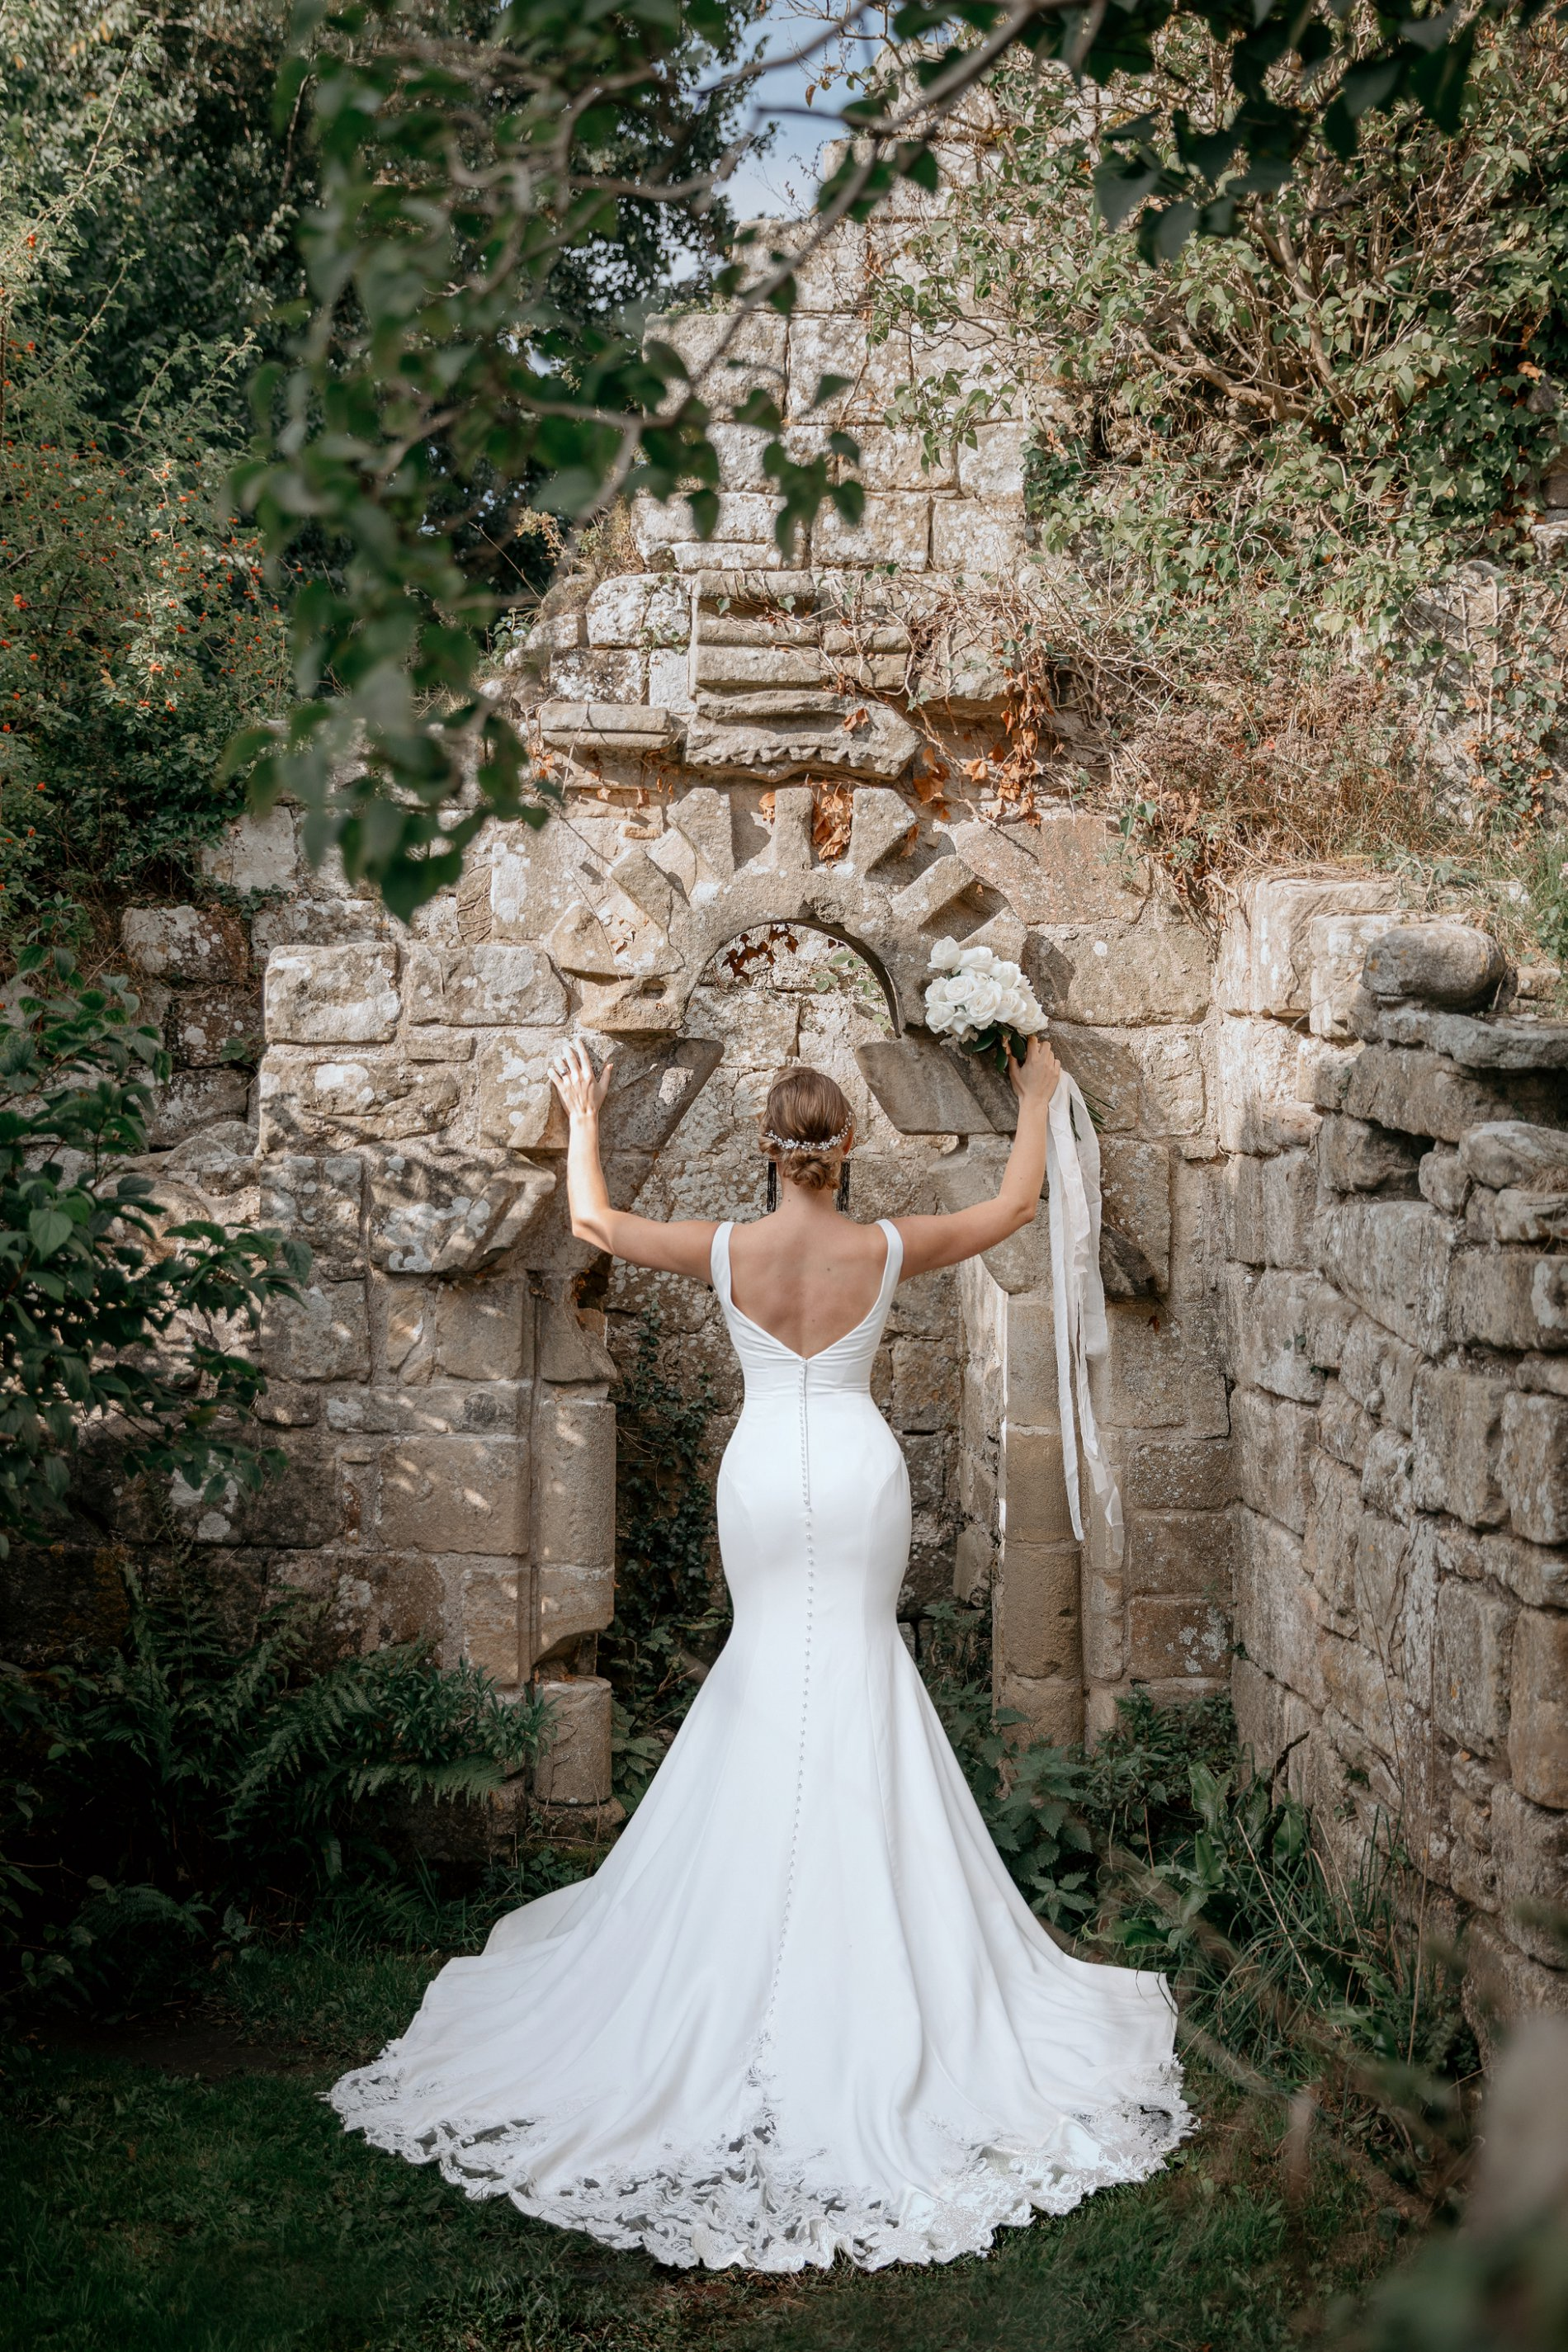 An Elegant Wedding Shoot at Jervaulx Abbey (c) Natalie Hamilton Photography (8)